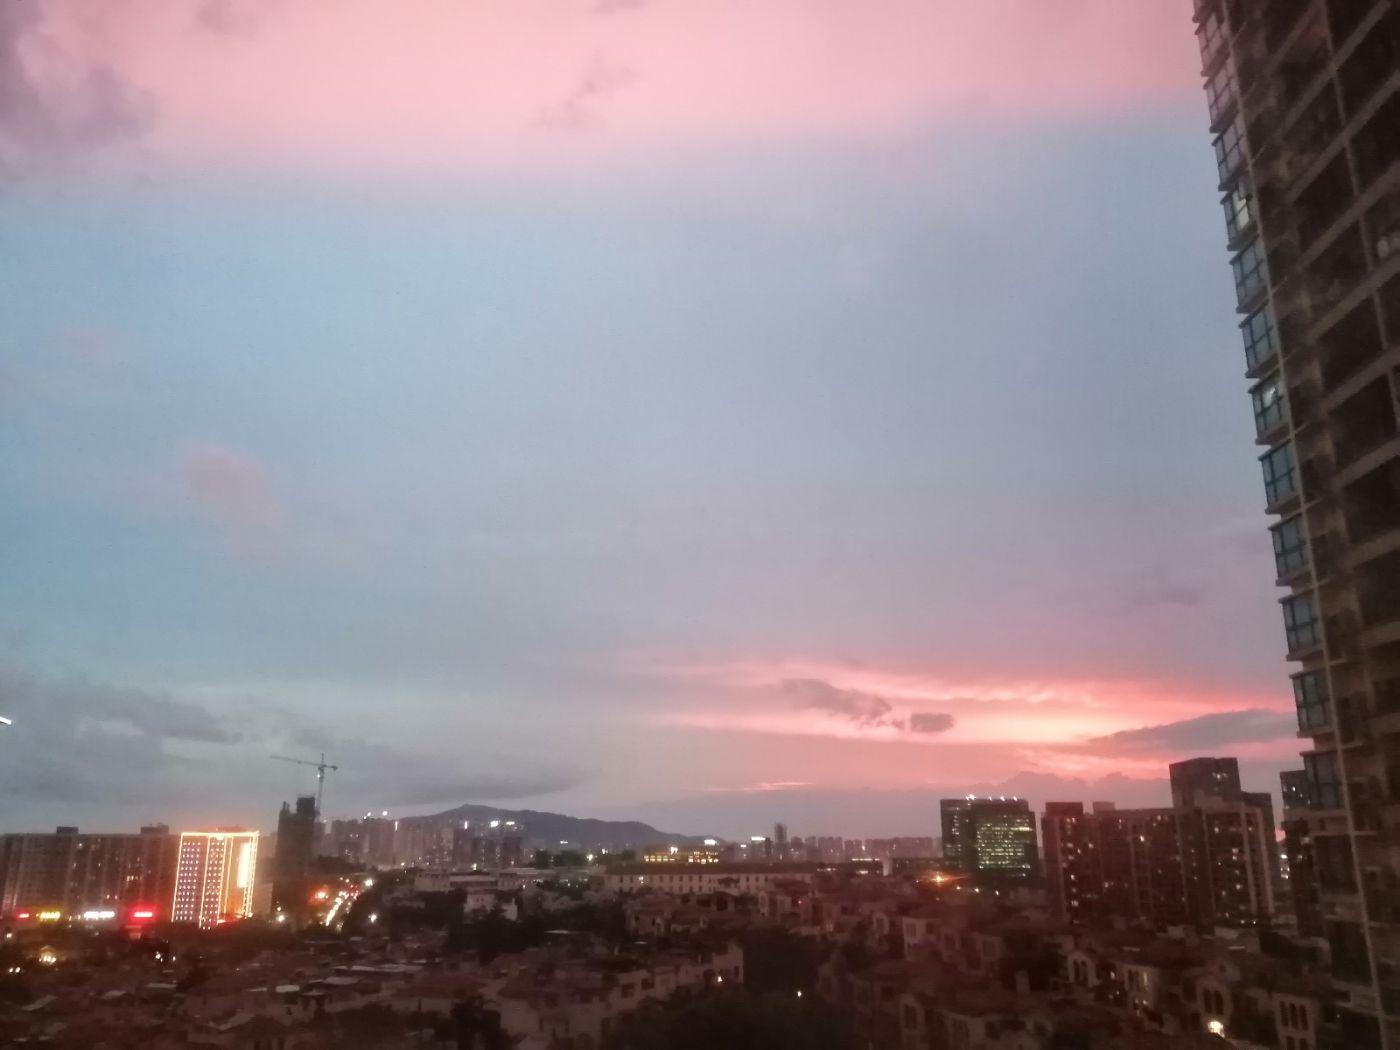 雨后天空红色,你见过吗_图1-2